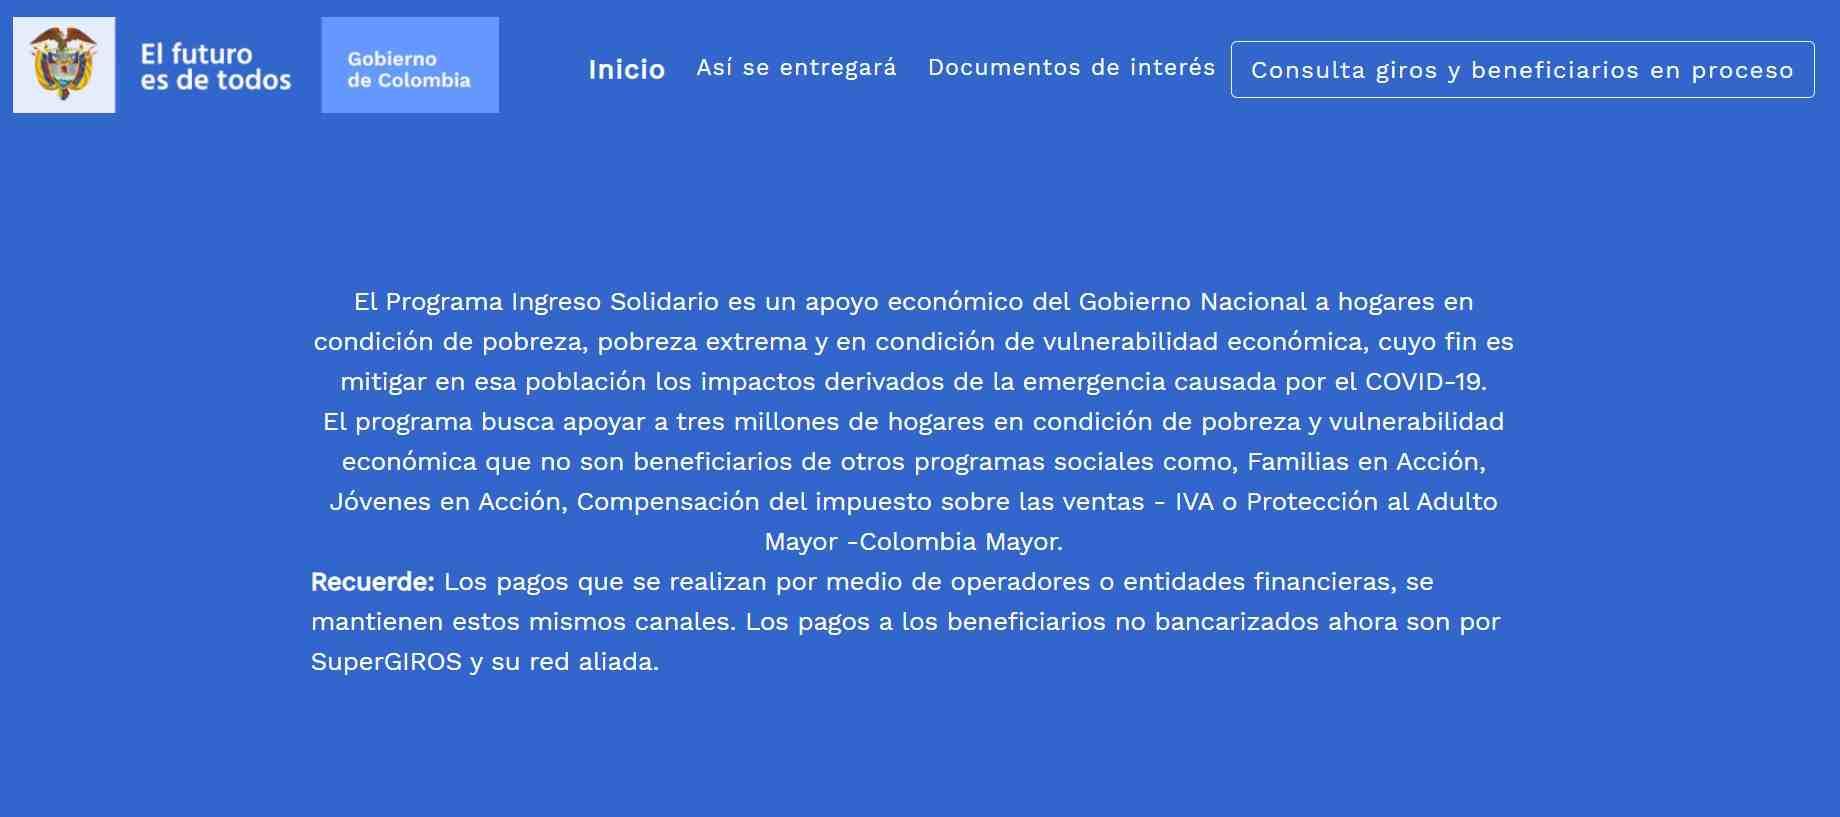 El mensaje nuevo que aparece en Ingresosolidario.prosperidadsocial.gov.co